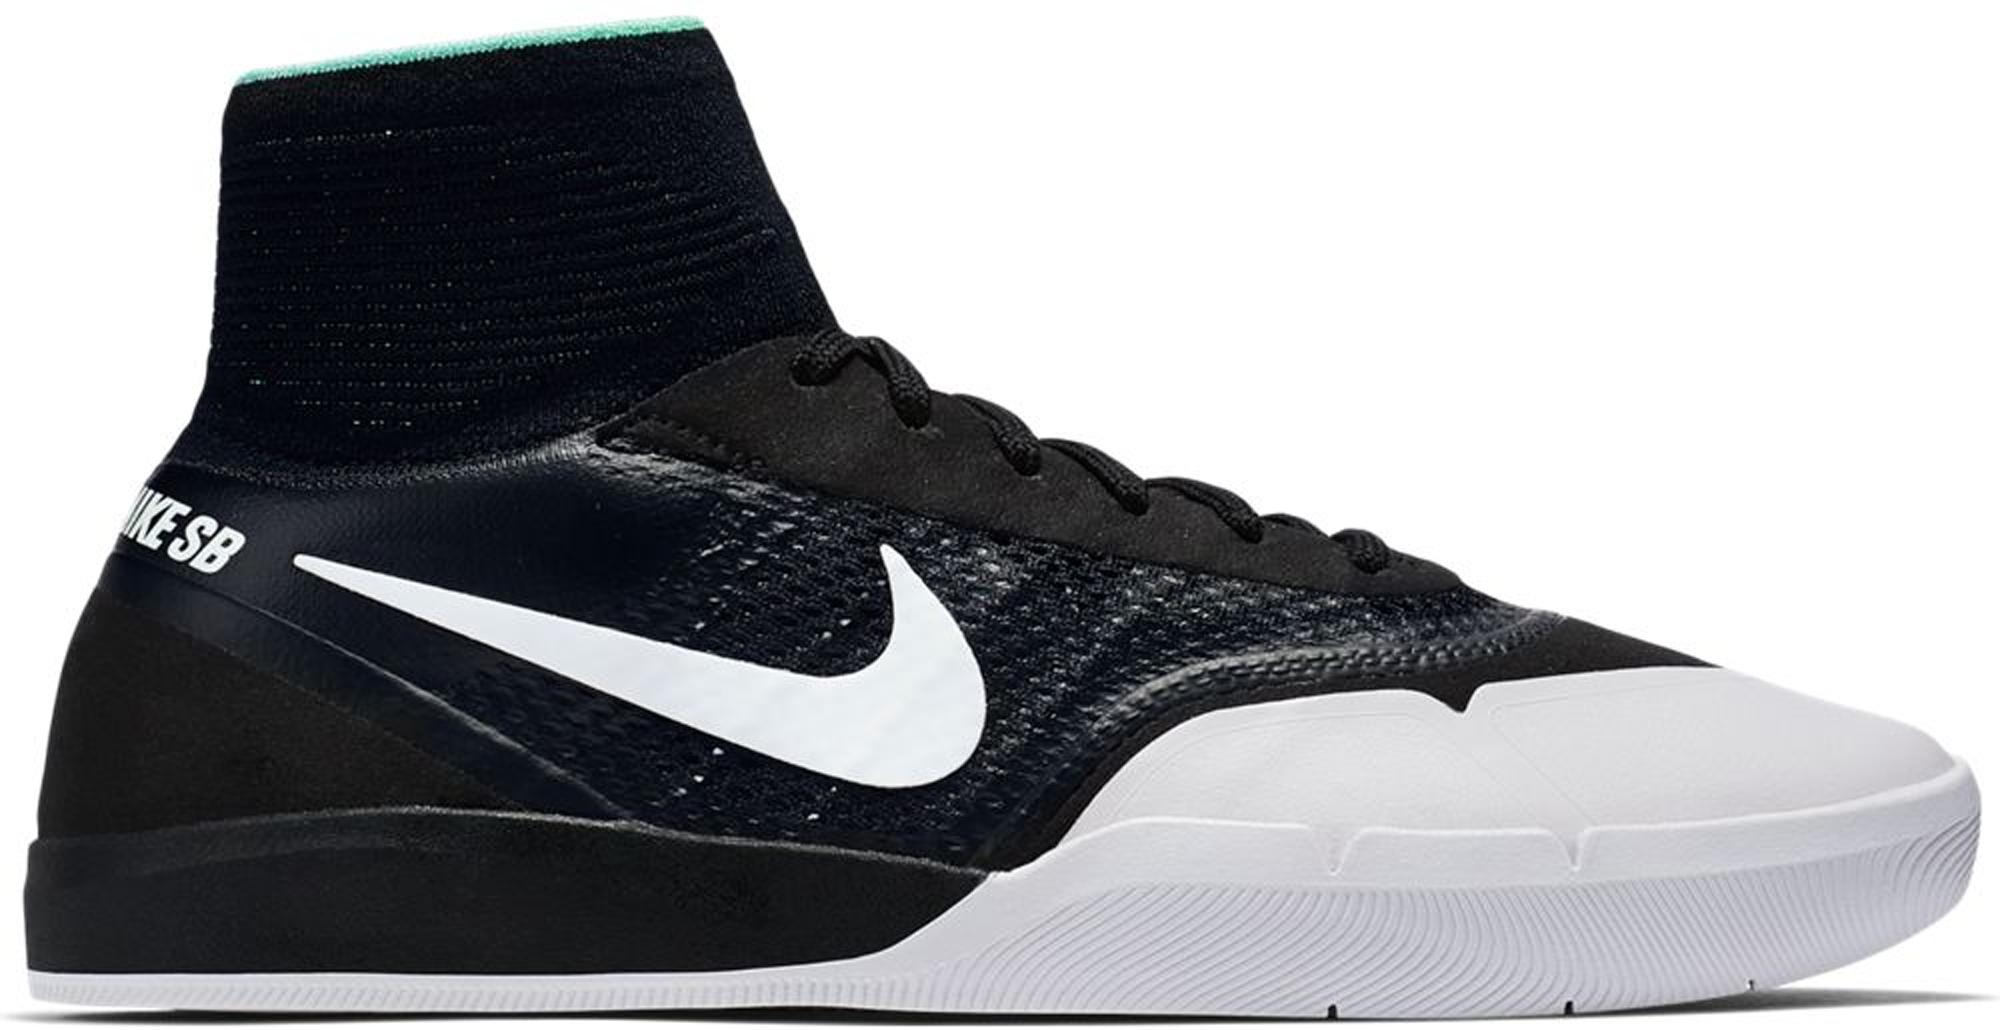 Nike SB Hyperfeel Koston 3 Black White